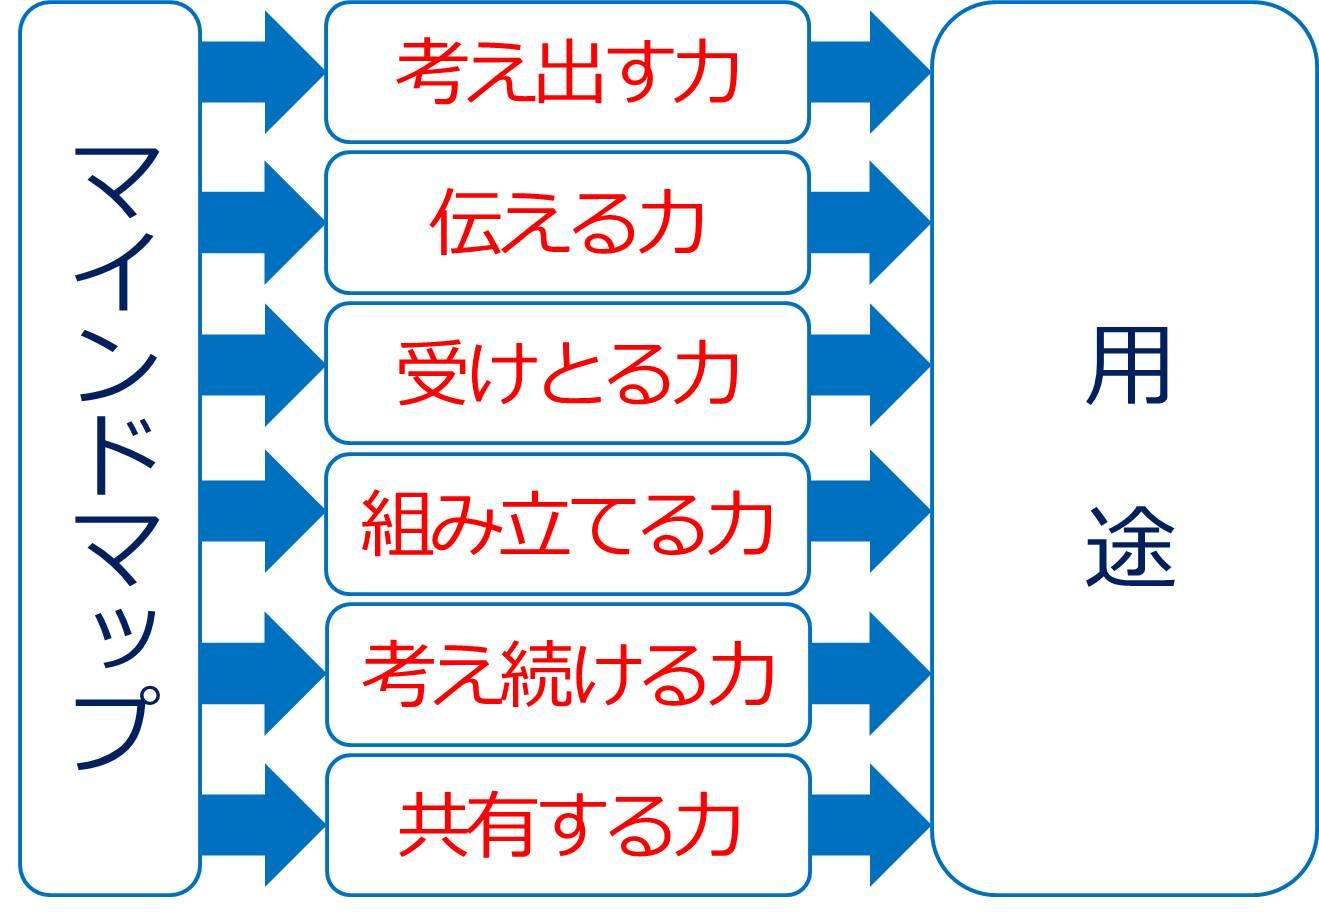 マインドマップには5つの効果がある-下